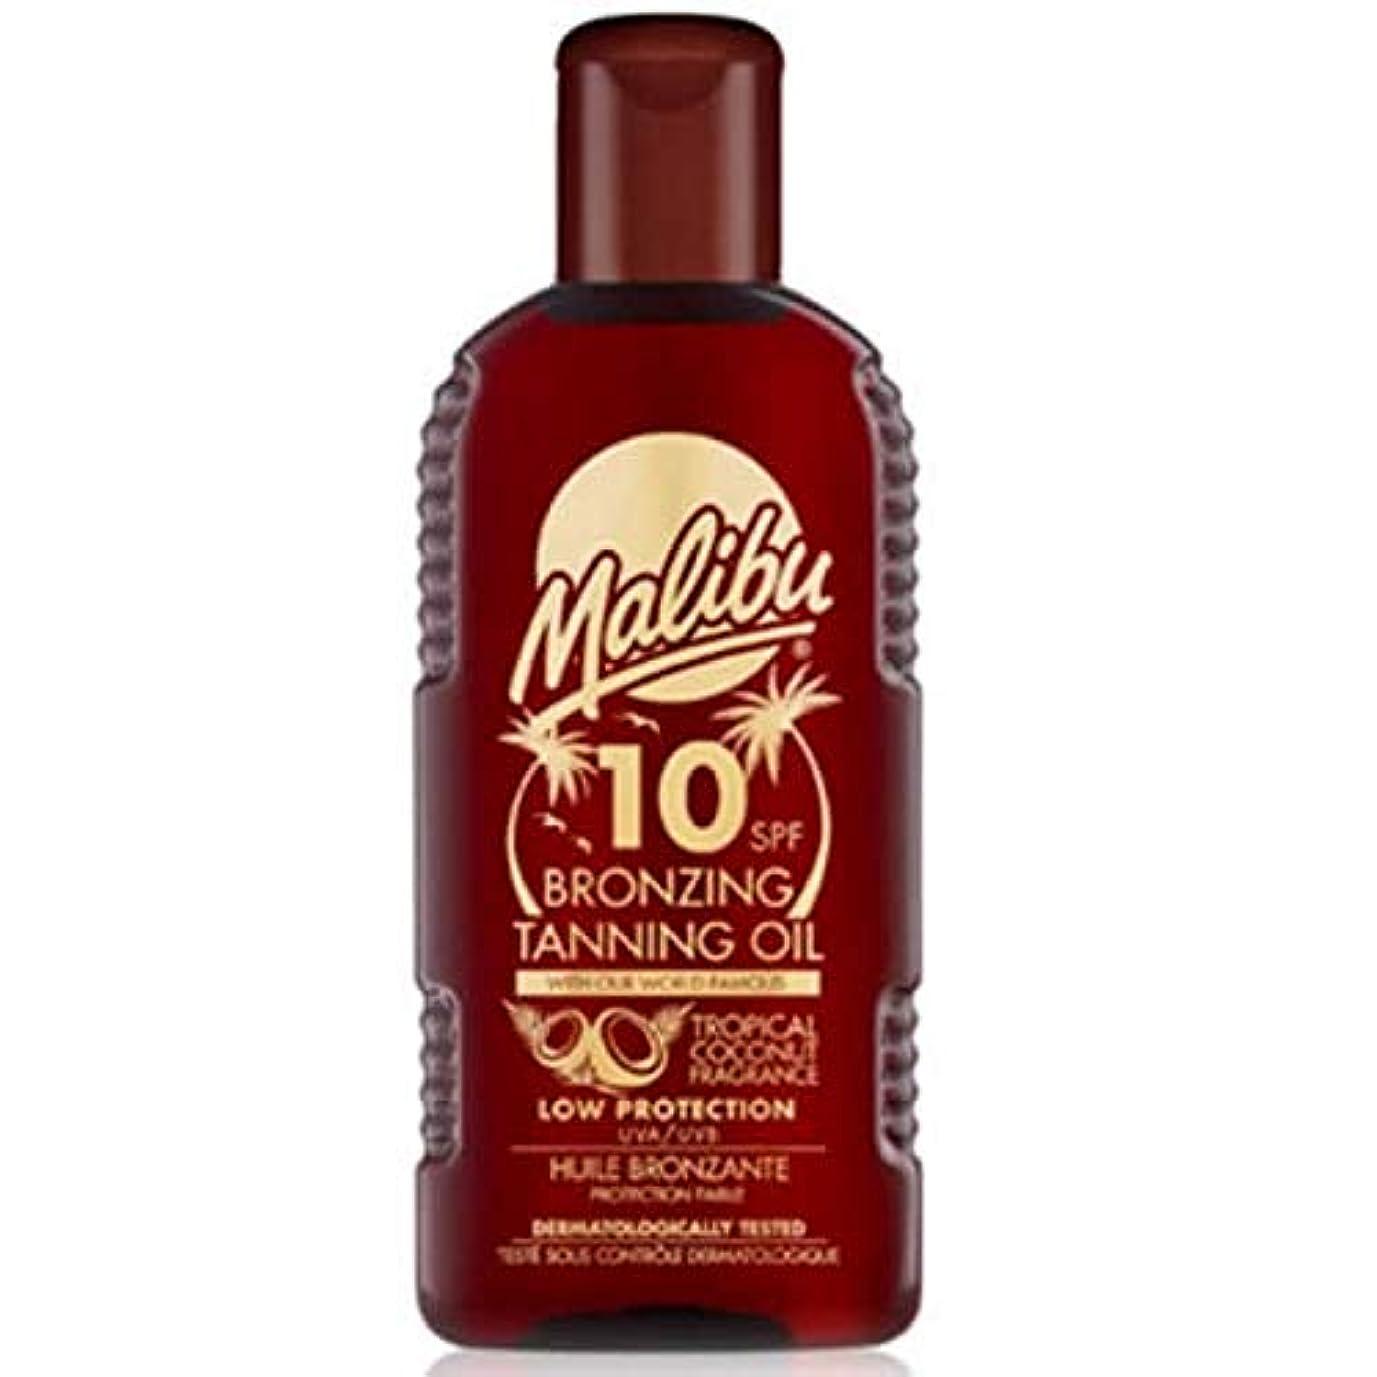 [Malibu ] マリブブロンズ日焼けオイルSpf 10 - Malibu Bronzing Tanning Oil SPF 10 [並行輸入品]